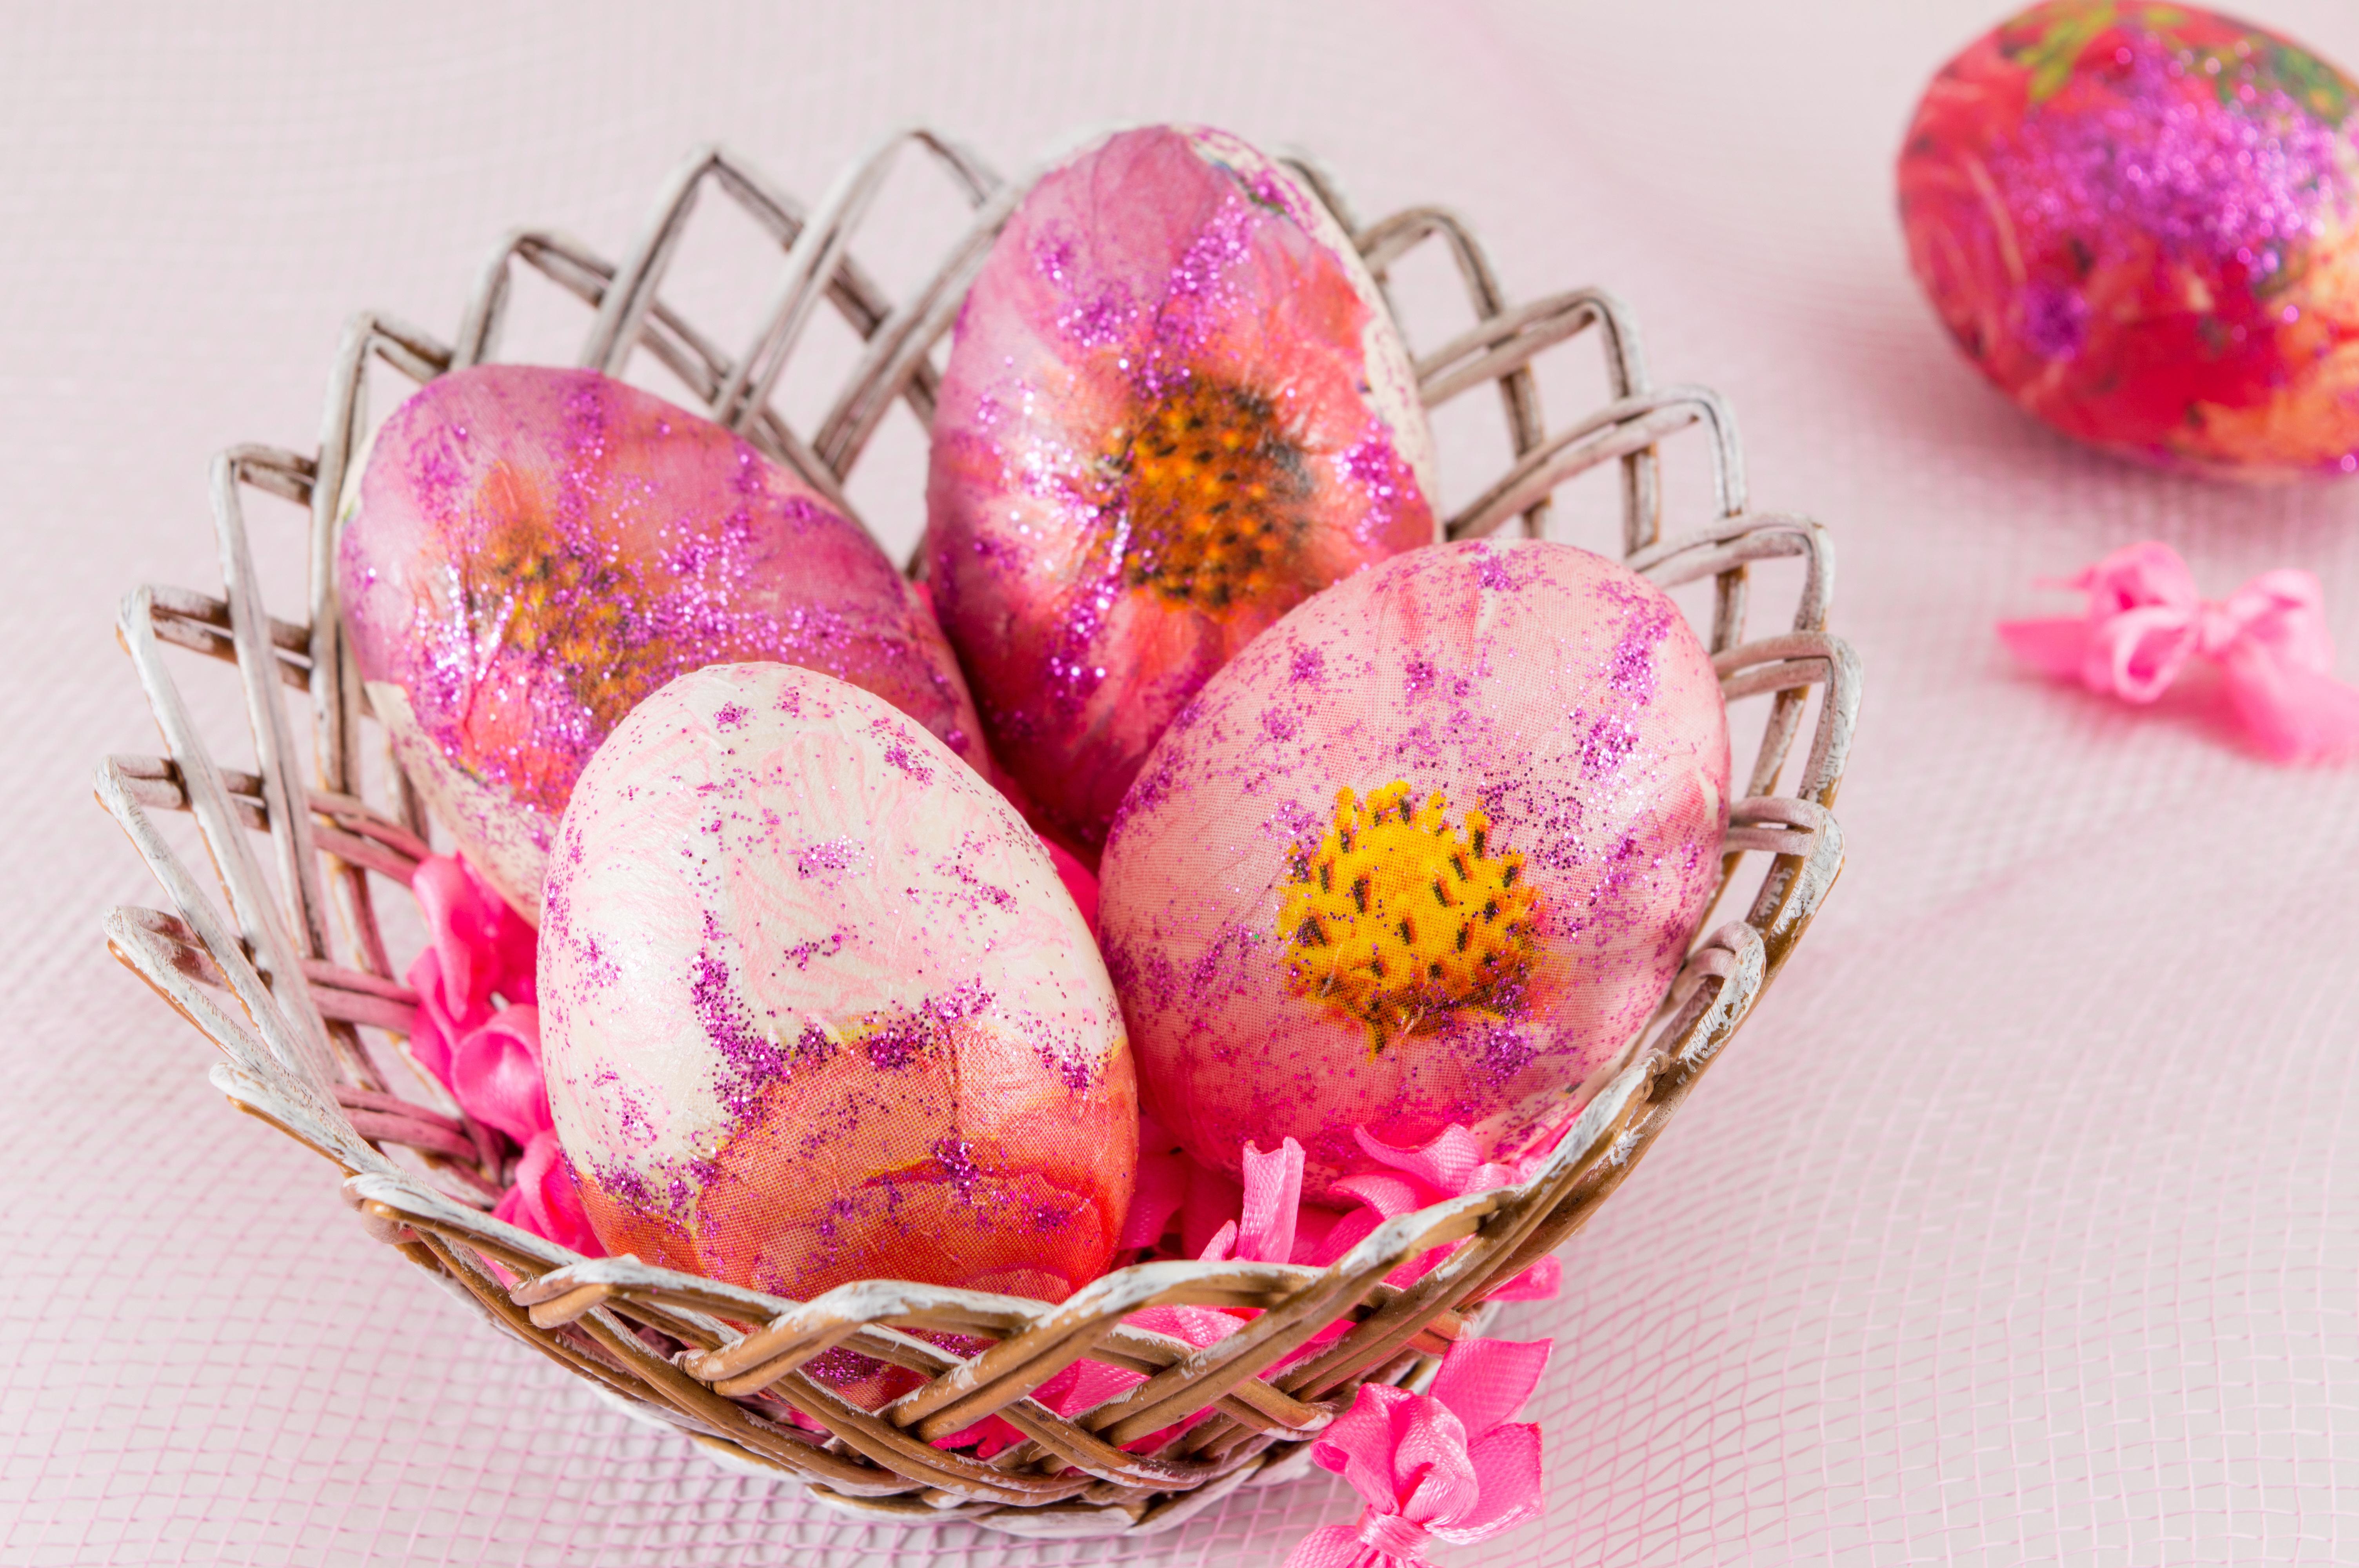 Фотография Пасха яйцо Дизайн Цветной фон 6016x4000 яиц Яйца яйцами дизайна